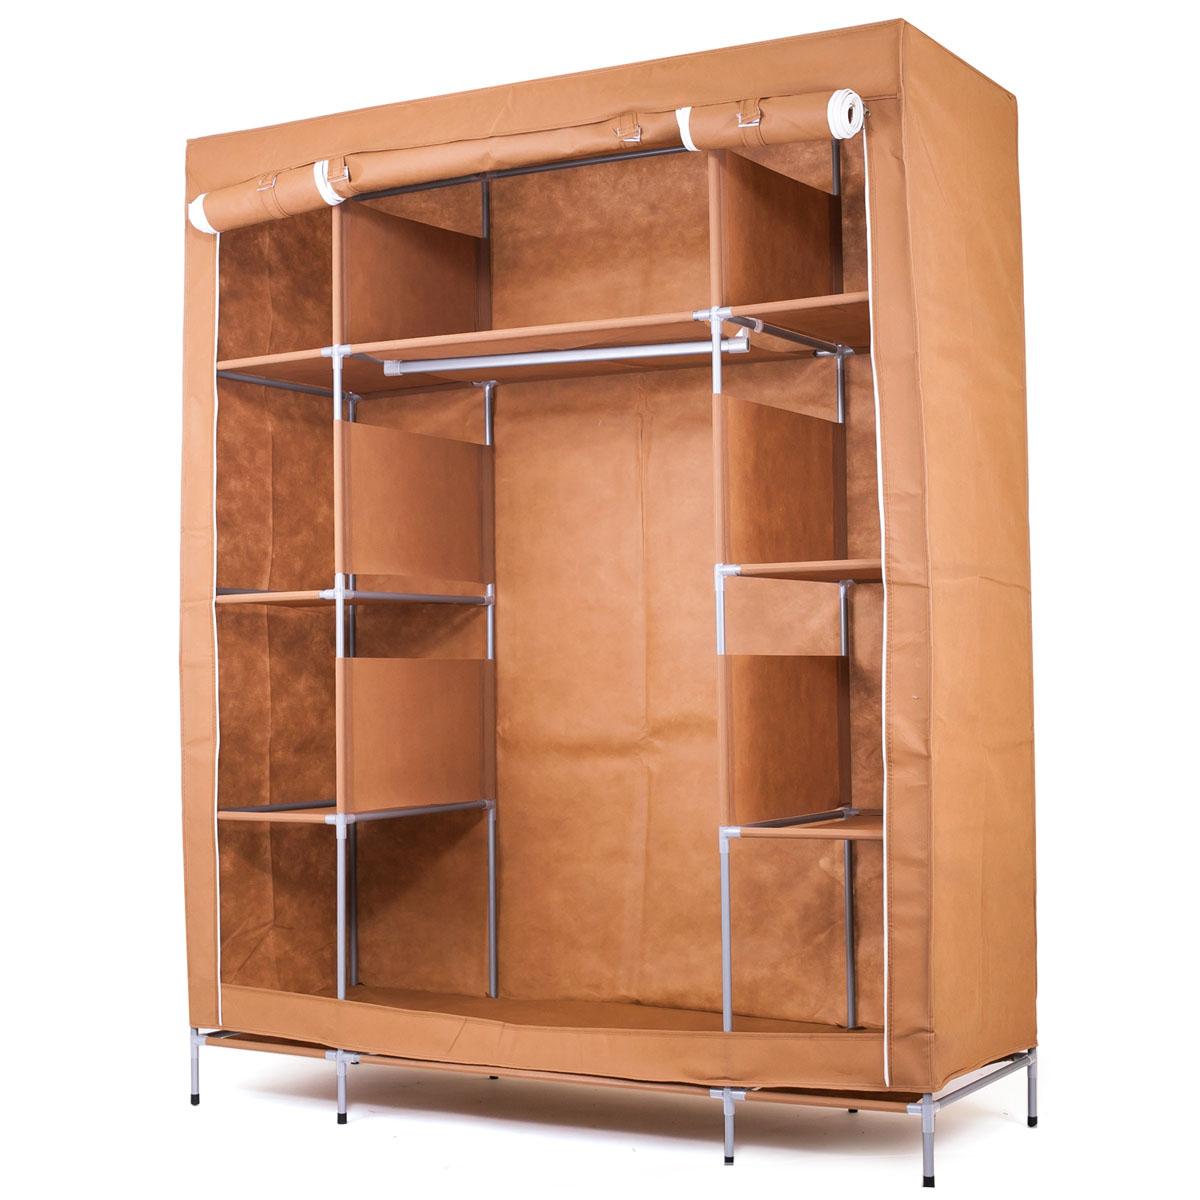 Шкаф Homsu Маджорити, цвет: коричневый, 140 x 50 x 175 смHOM-105Шкаф Homsu Маджорити выполнен из текстиля. Сборная конструкция такого шкафа состоит из металлических деталей каркаса, обтянутых сверху прочной и легкой тканью. Этот шкаф предназначен в создании полноценного порядка. Изделие имеет 8 полок для складывания одежды 35 х 50 см и один большой 70 х 50 см отделениями, а также отделению для подвешивания одежды высотой 120 см и шириной 70 см. Кроме своей большой практичной пользы, данный мебельный предмет также сможет очень выгодно дополнить имеющийся интерьер в помещении. Верхняя тканевая обивка, при этом, всегда может быть легко и быстро снята, если ее необходимо будет постирать или заменить.